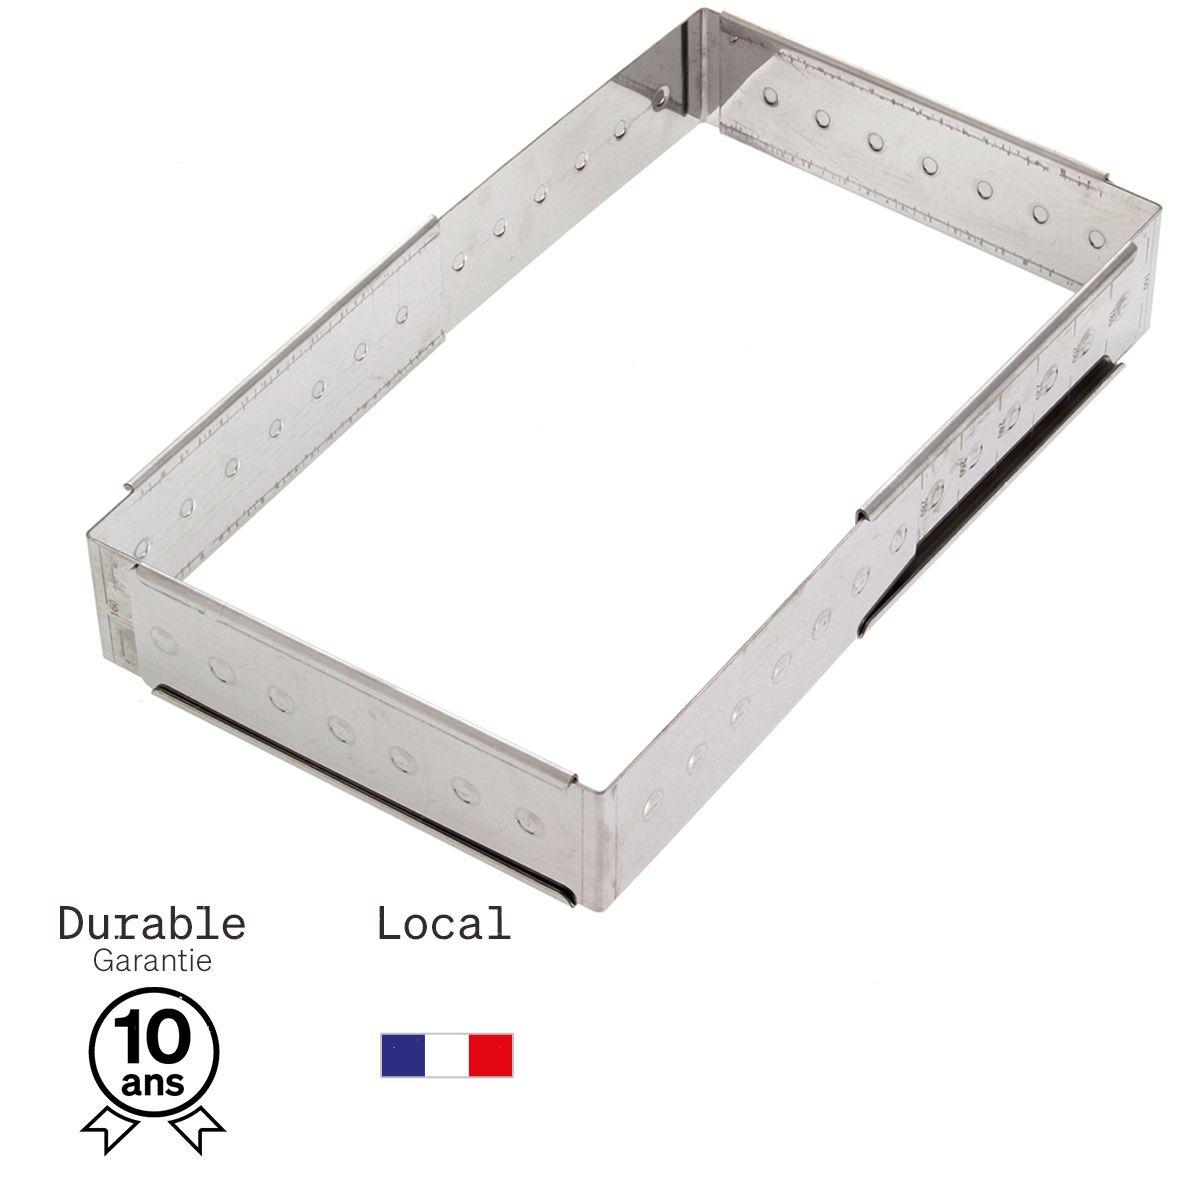 Cadre à pâtisserie extensible en inox de 16 à 28 cm, de 4 à 14 parts, hauteur 4.5 cm - Alice Délice